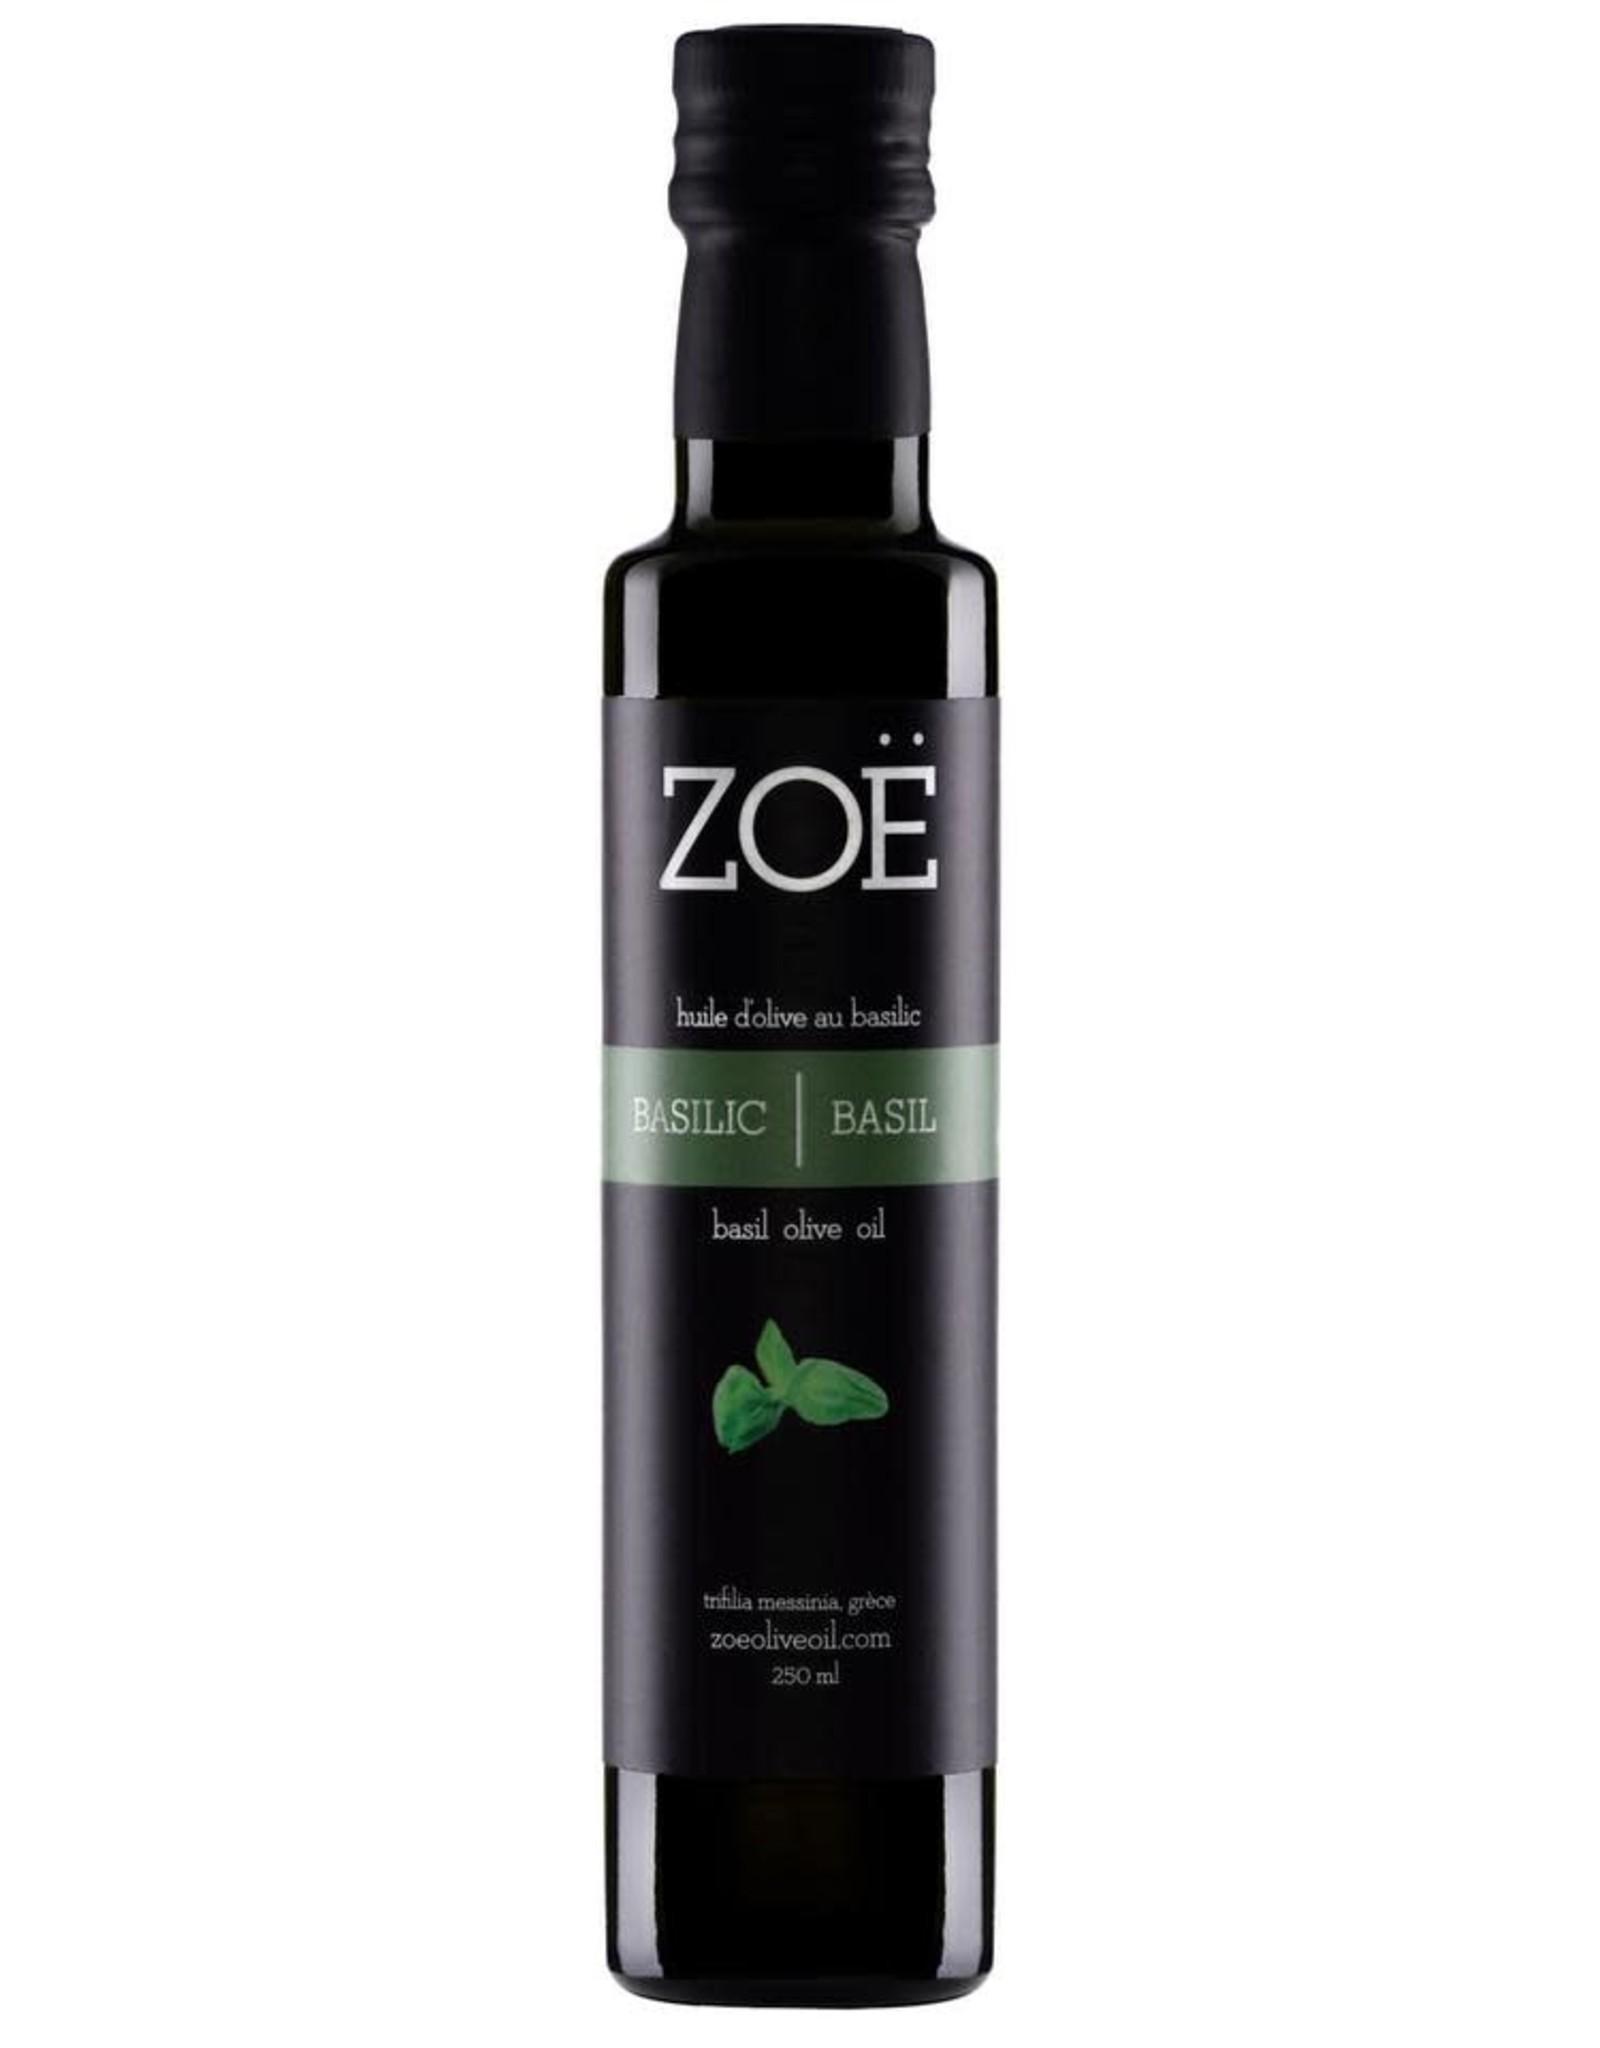 Zoé huile Huile d'olive au Basilic